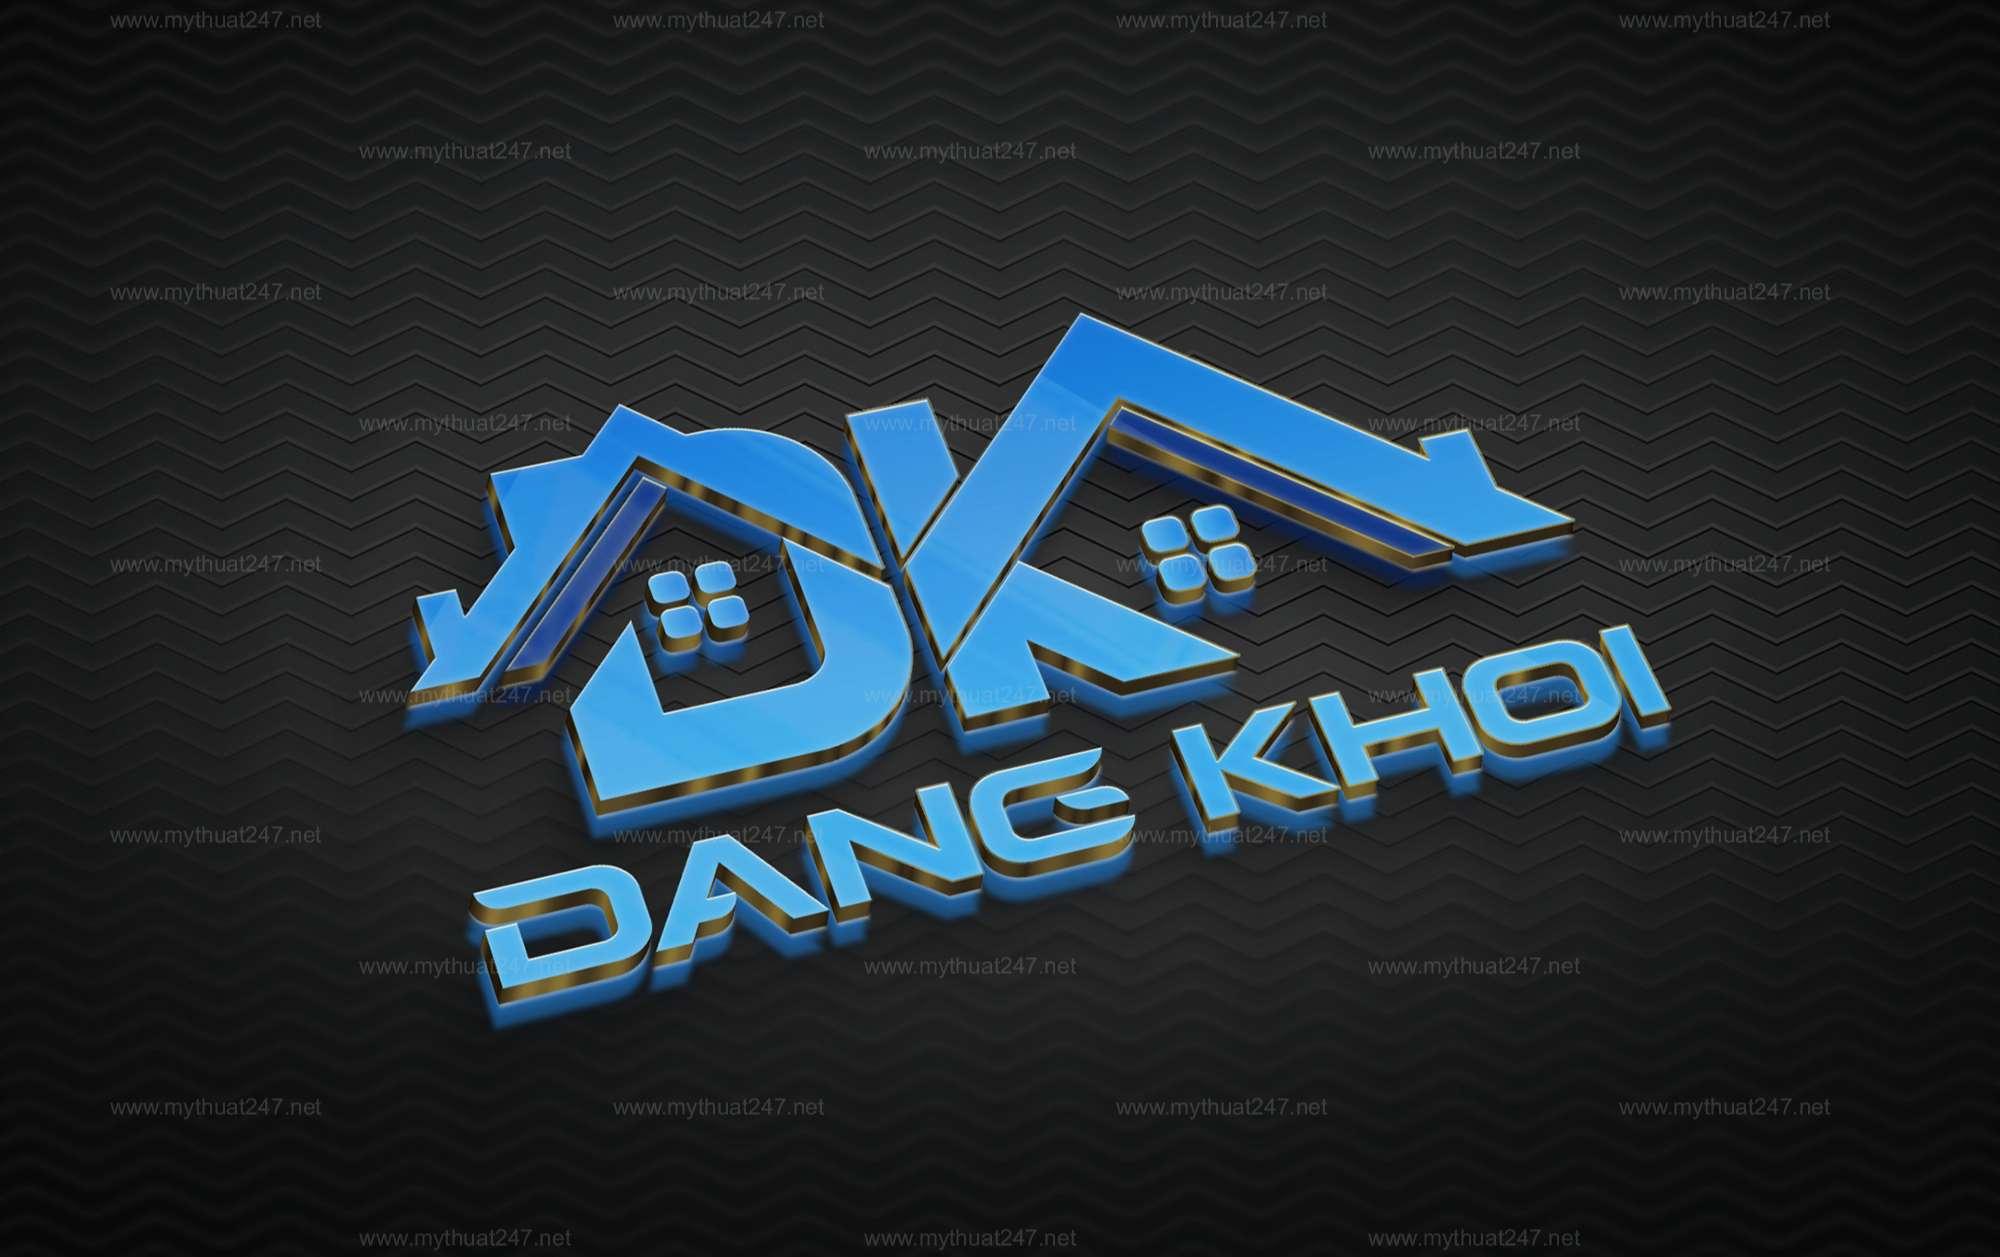 Thiết kế logo công ty tnhh kt xây dựng đăng khoa